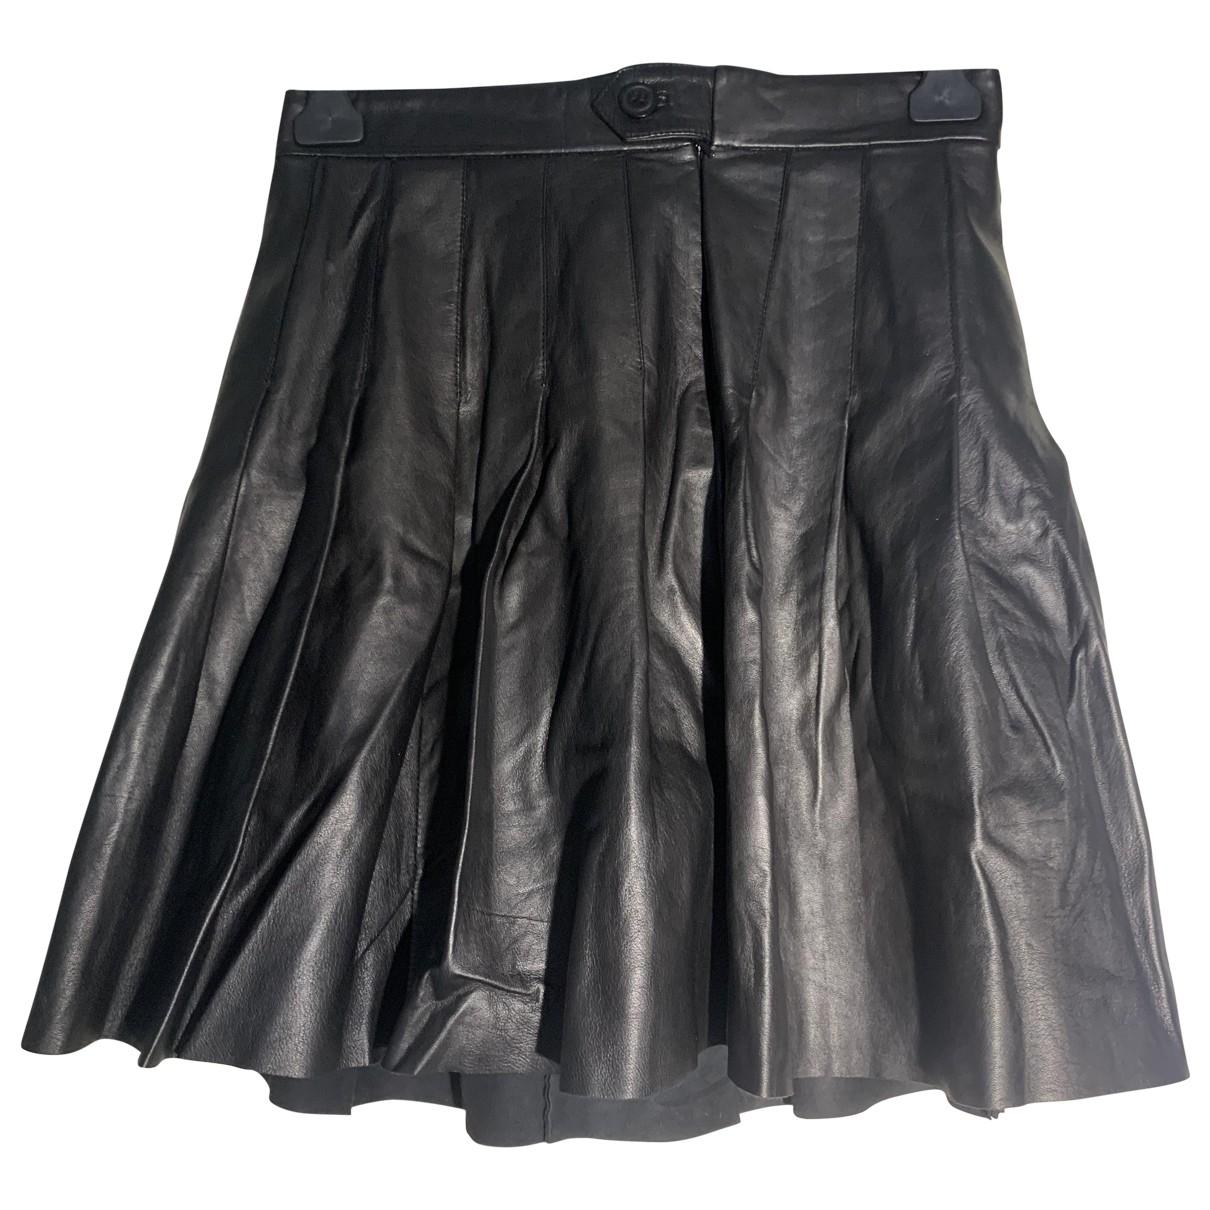 Maje - Jupe Fall Winter 2019 pour femme en cuir - noir